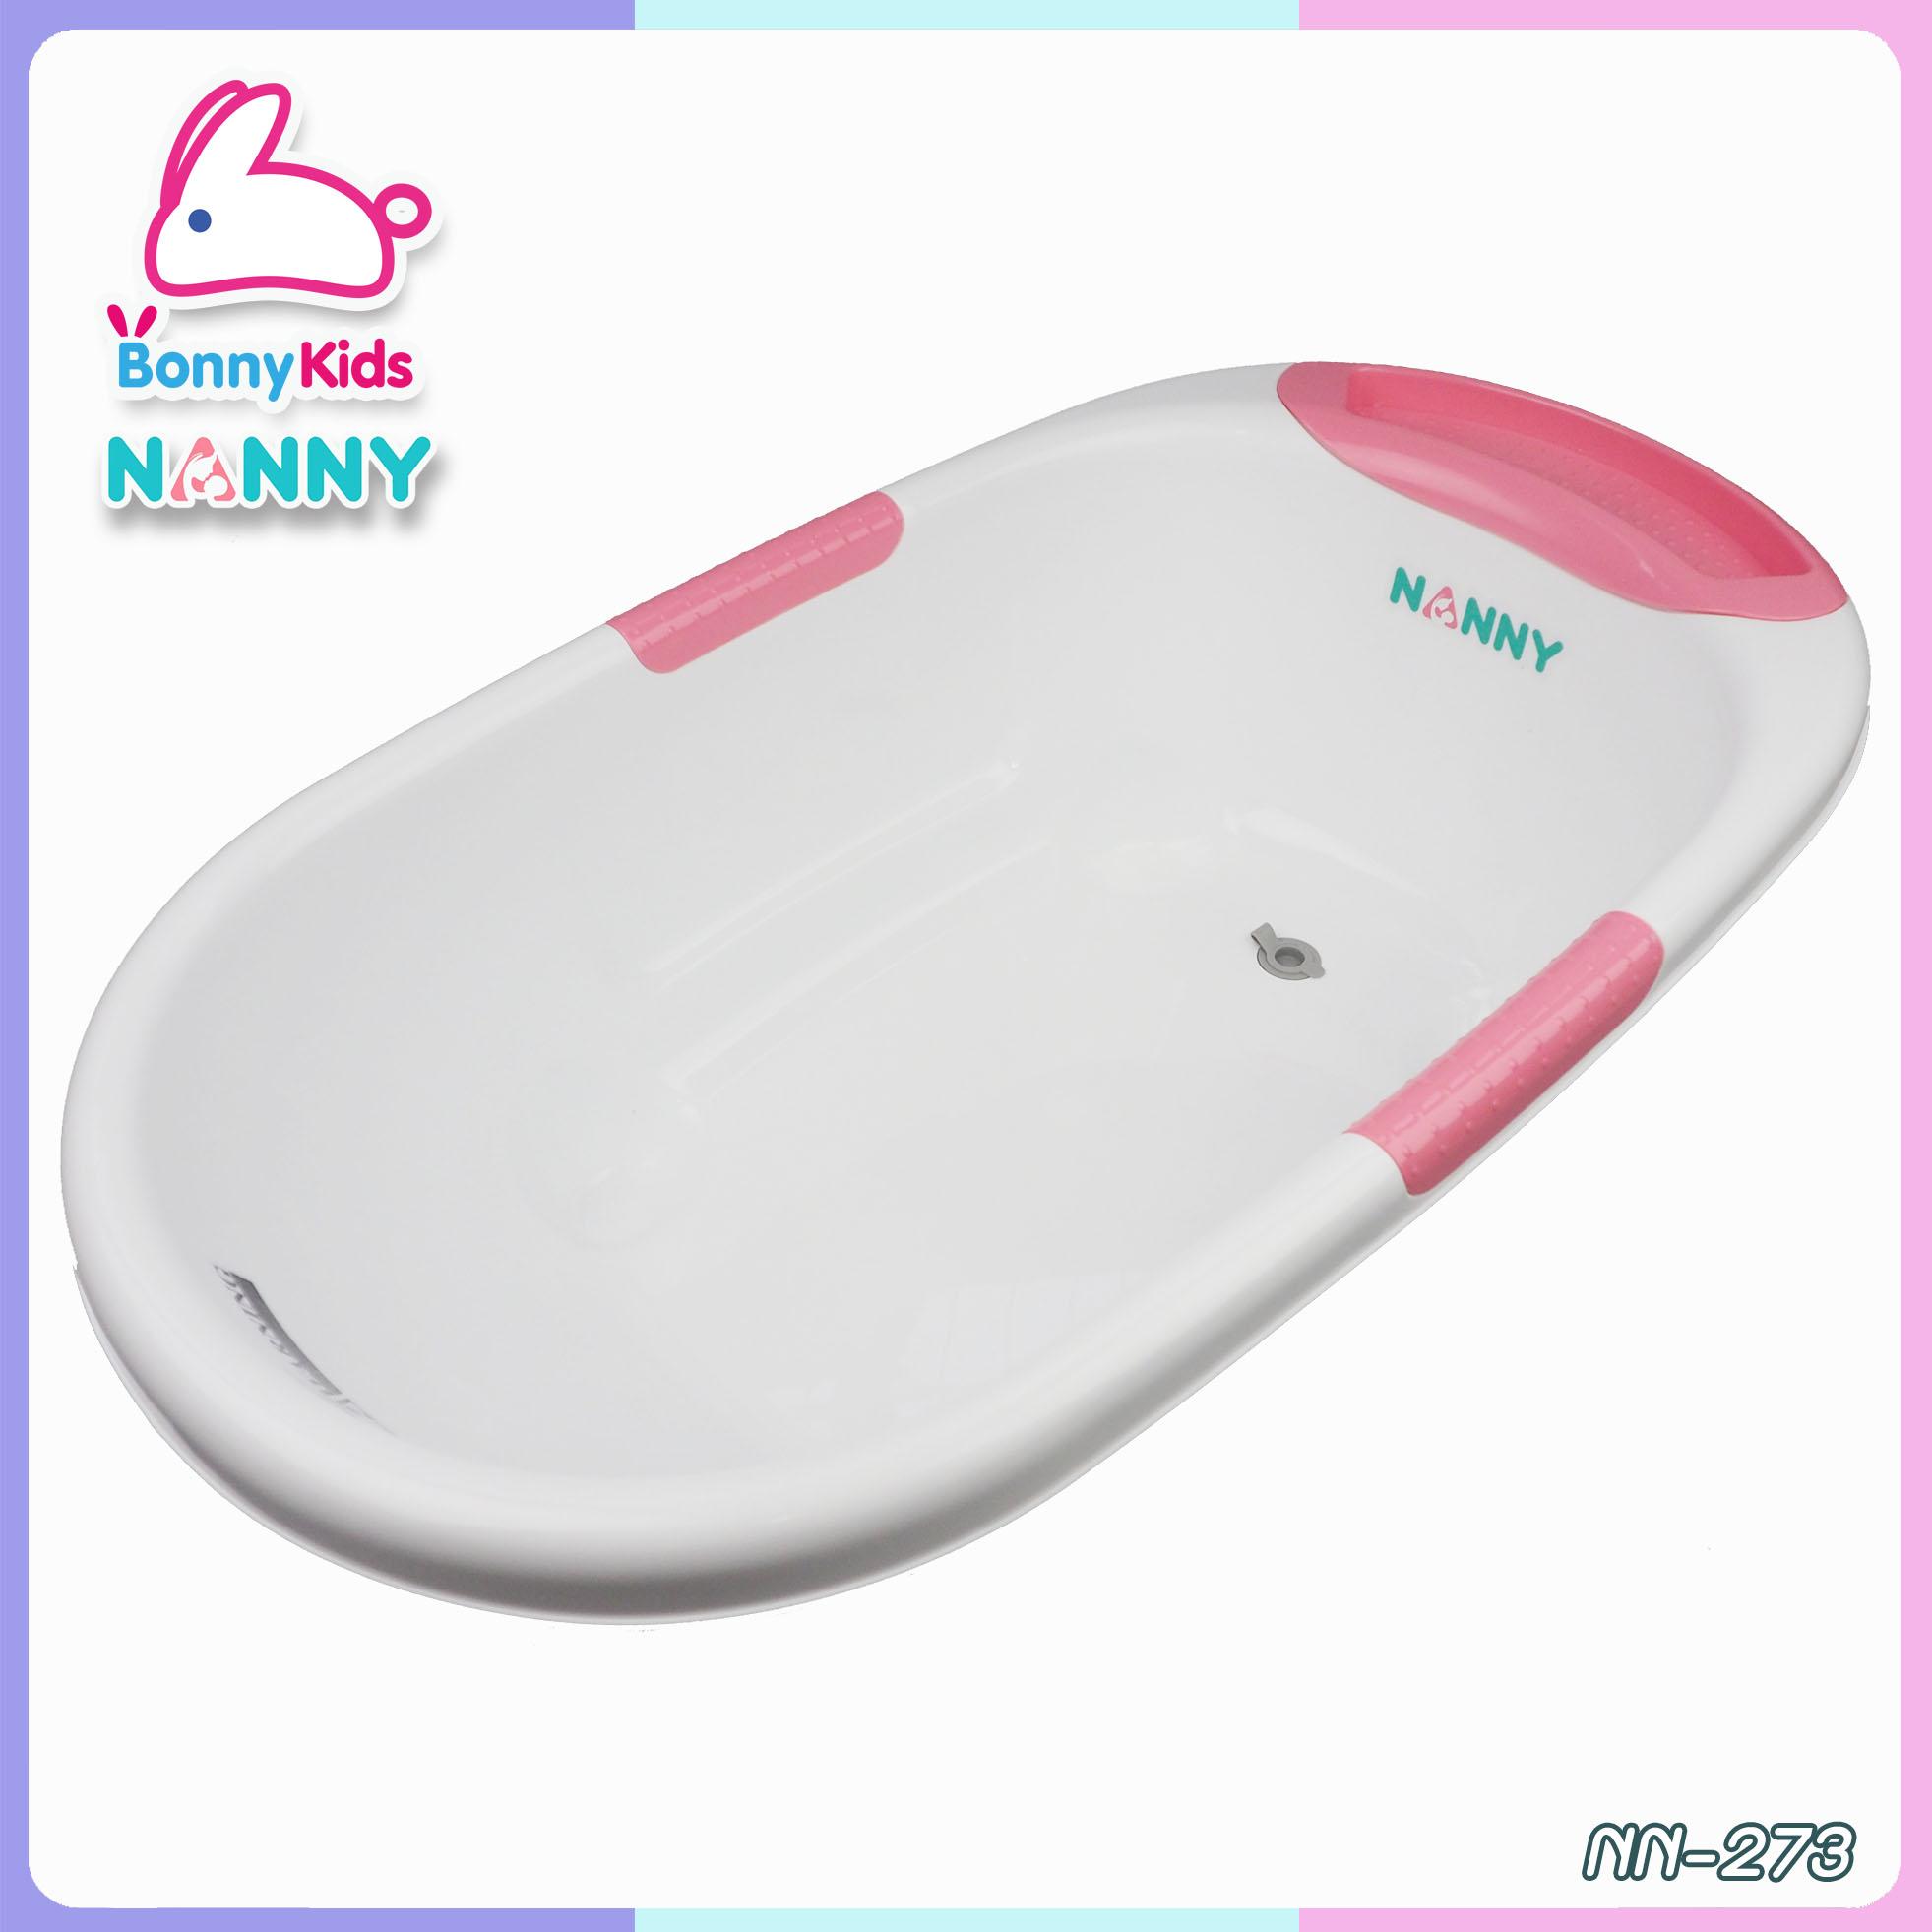 อ่างอาบน้ำเด็ก NANNY ทูโทน มีจุกปล่อยน้ำ สีชมพู